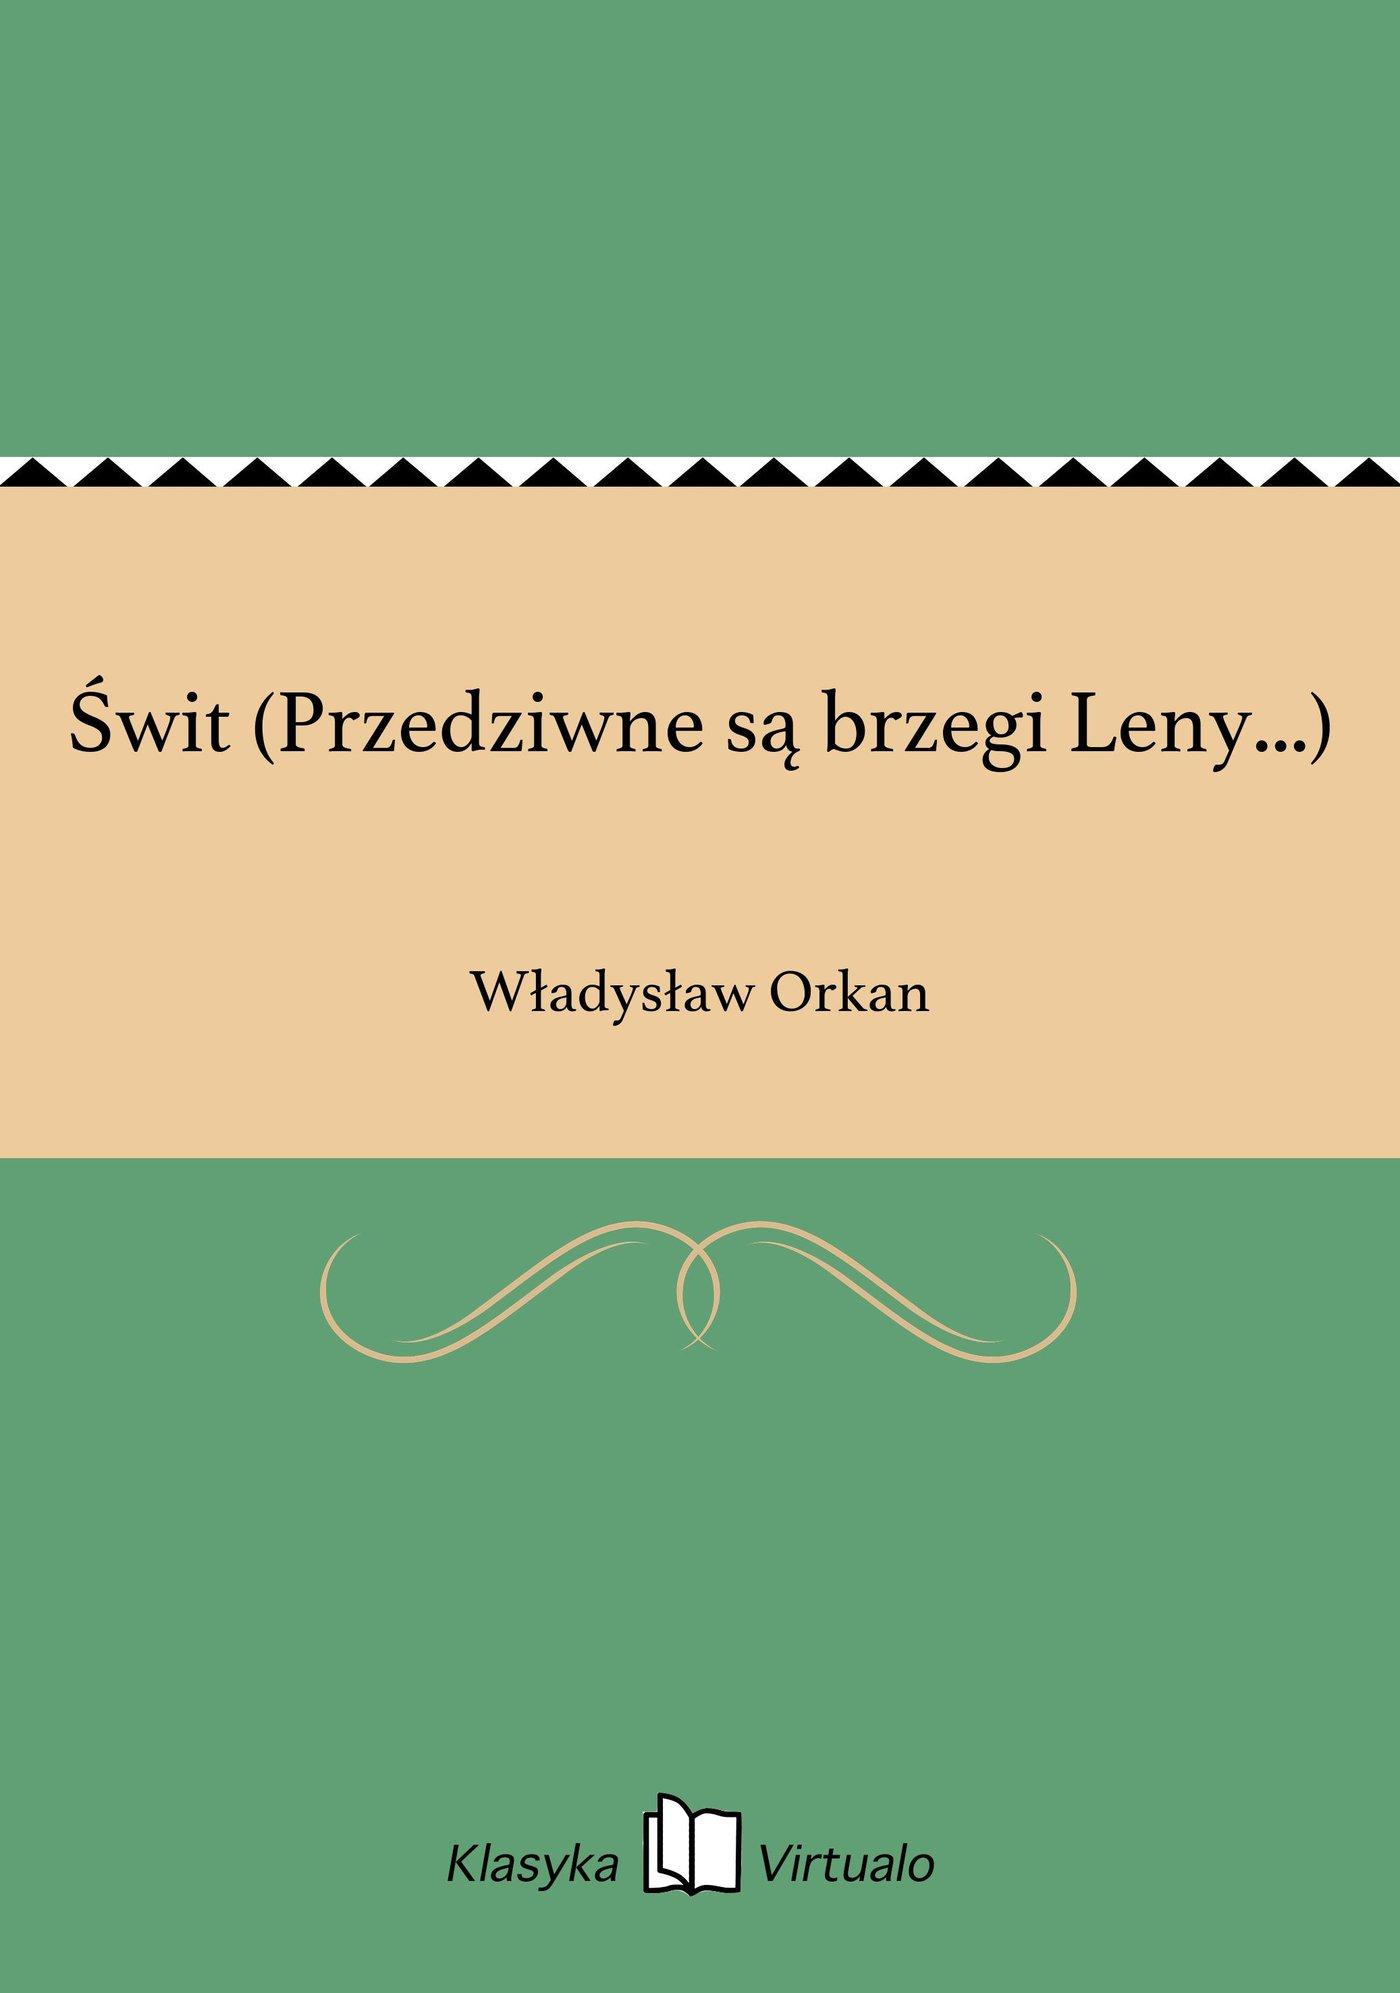 Świt (Przedziwne są brzegi Leny...) - Ebook (Książka EPUB) do pobrania w formacie EPUB